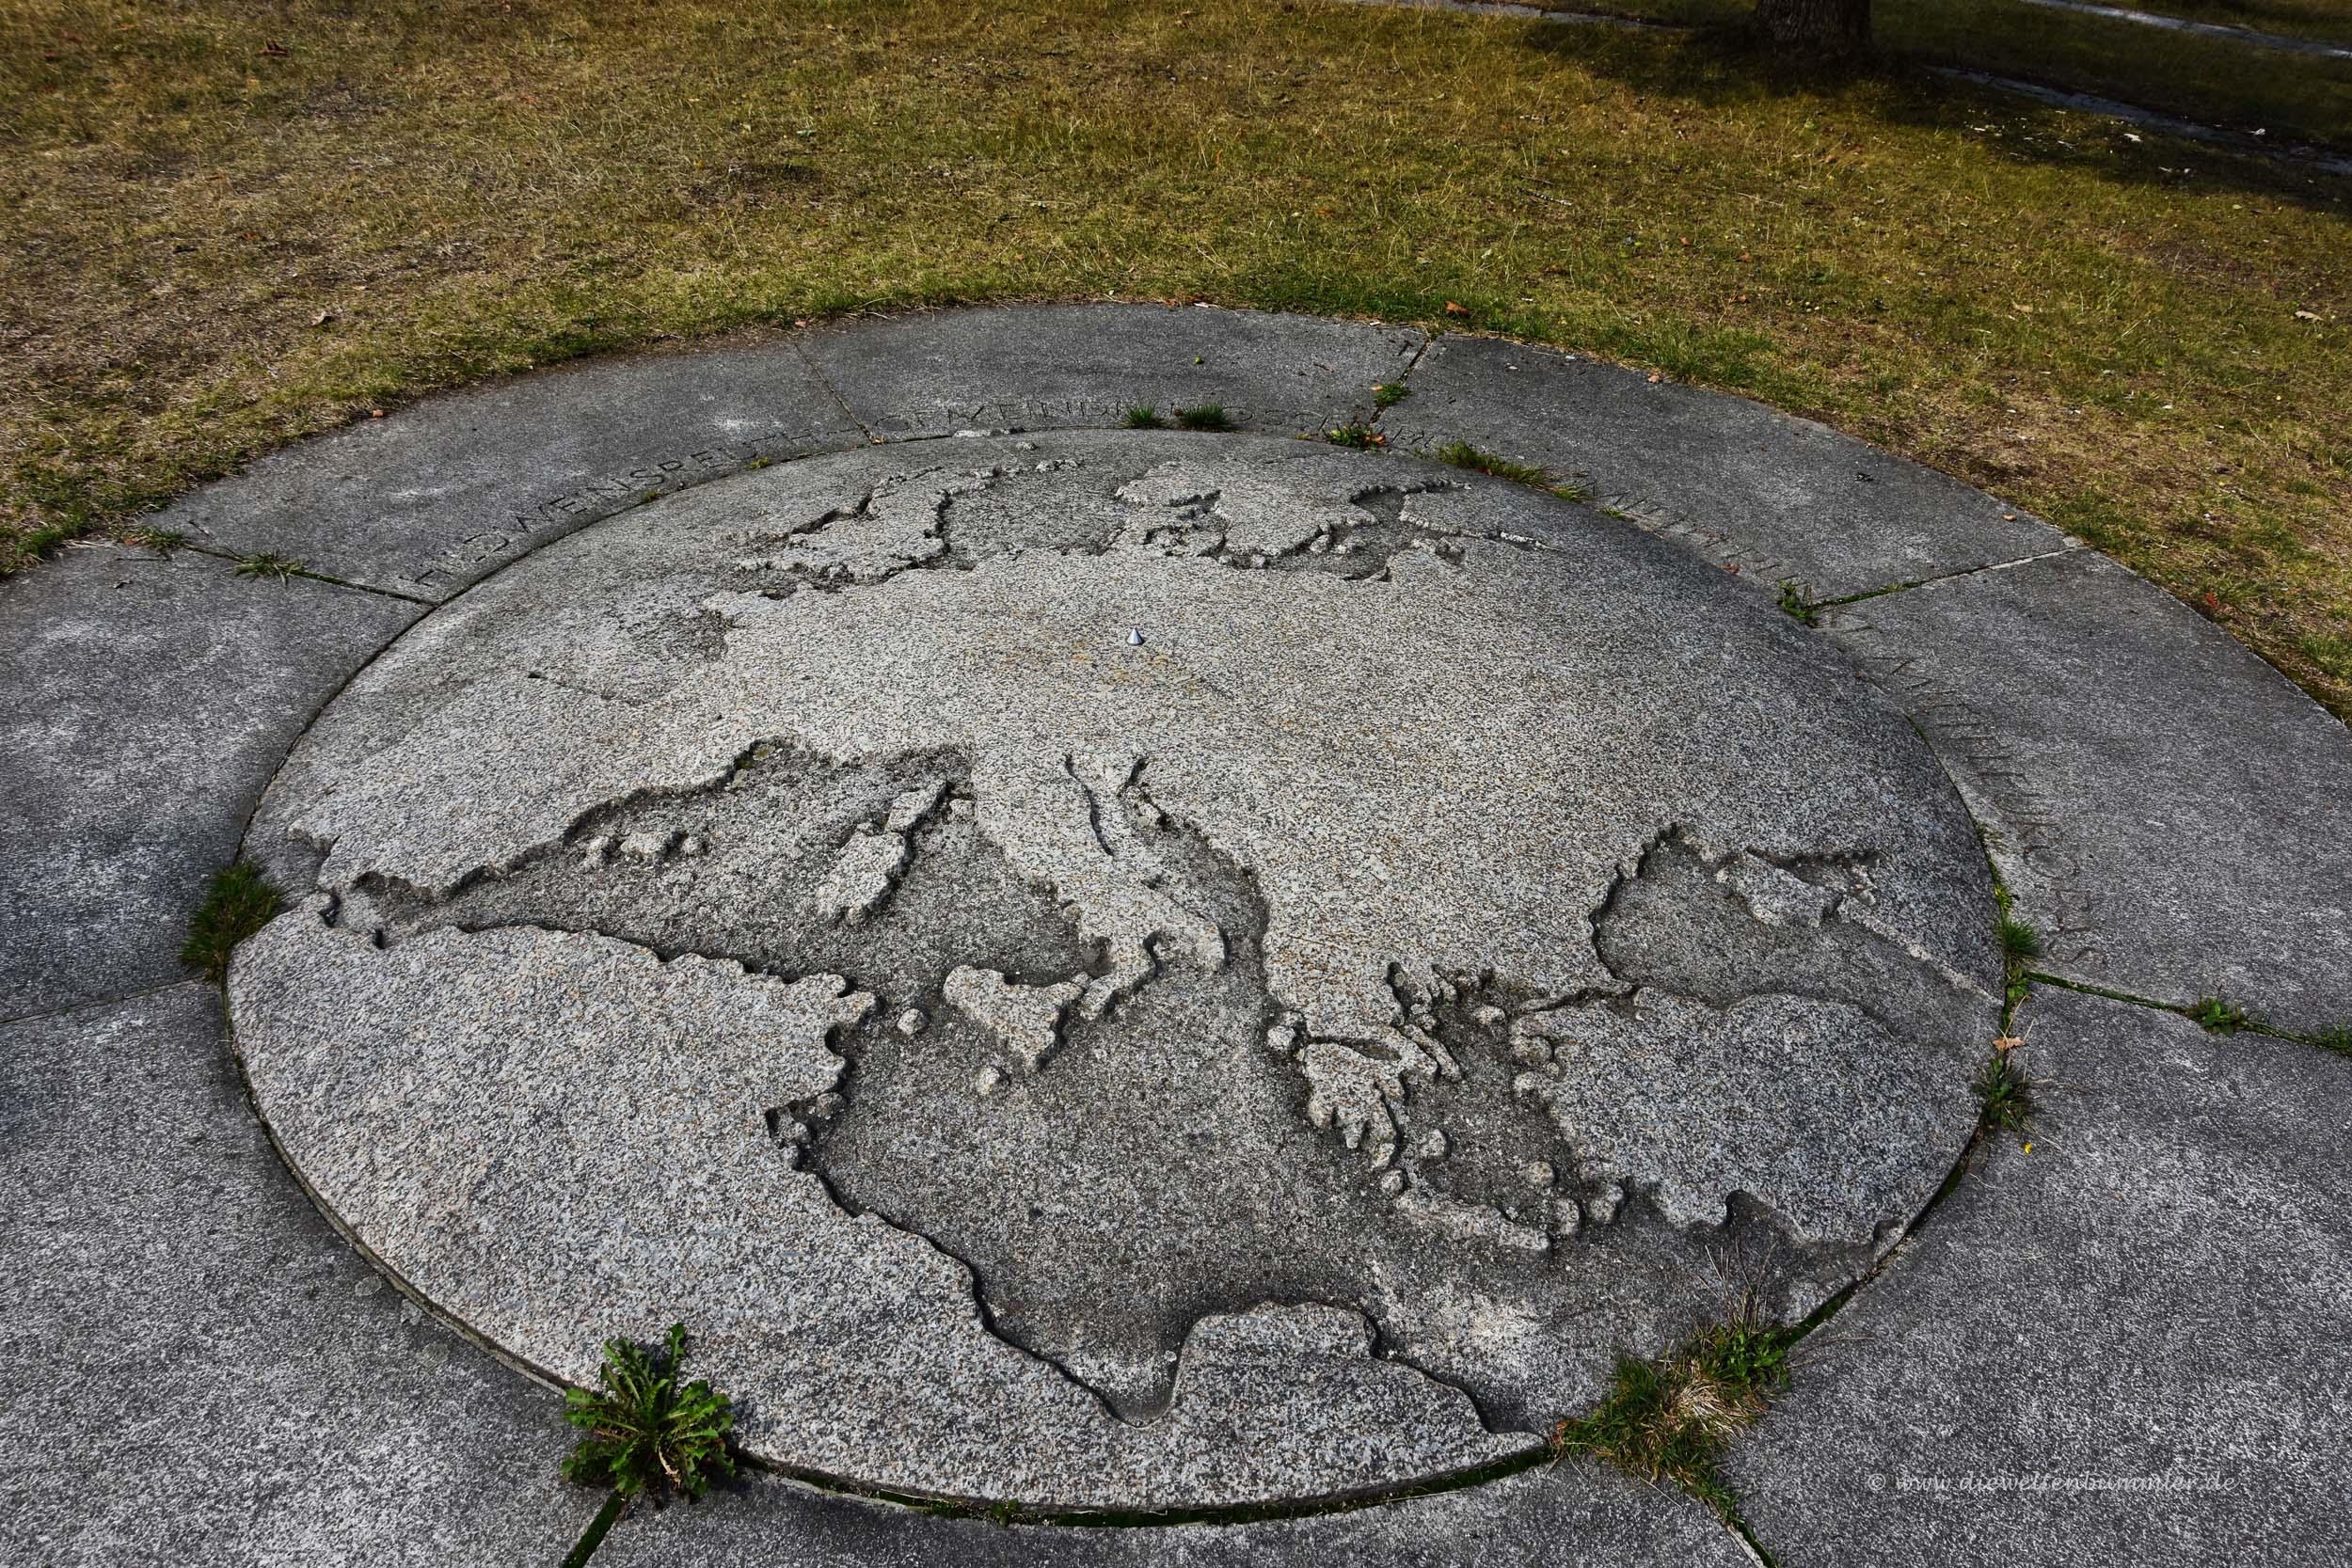 Der geografische Mittelpunkt von Mitteleuropa